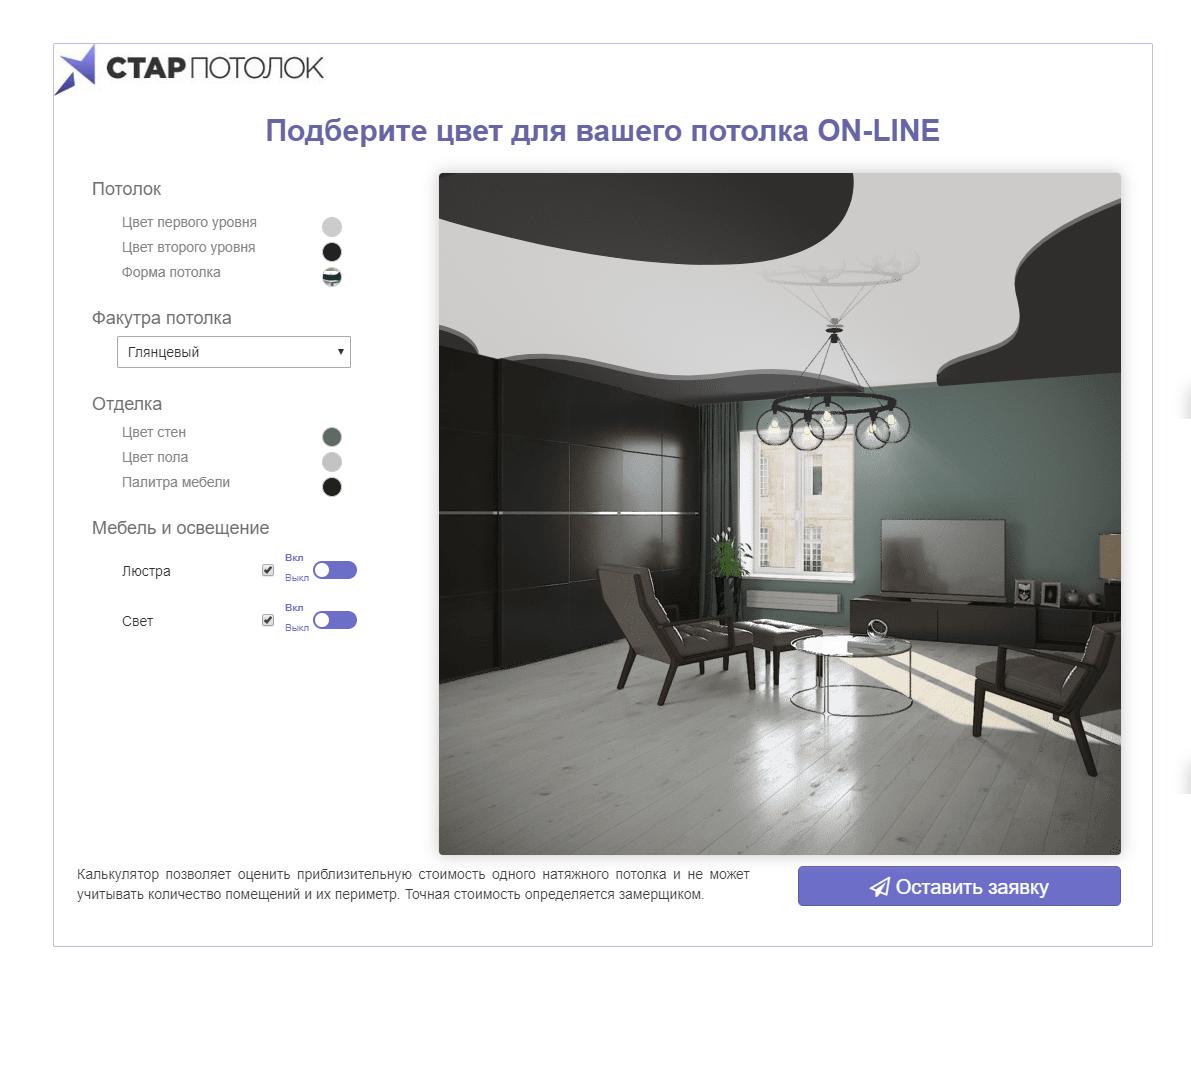 Визуализация натяжных потолков онлайн